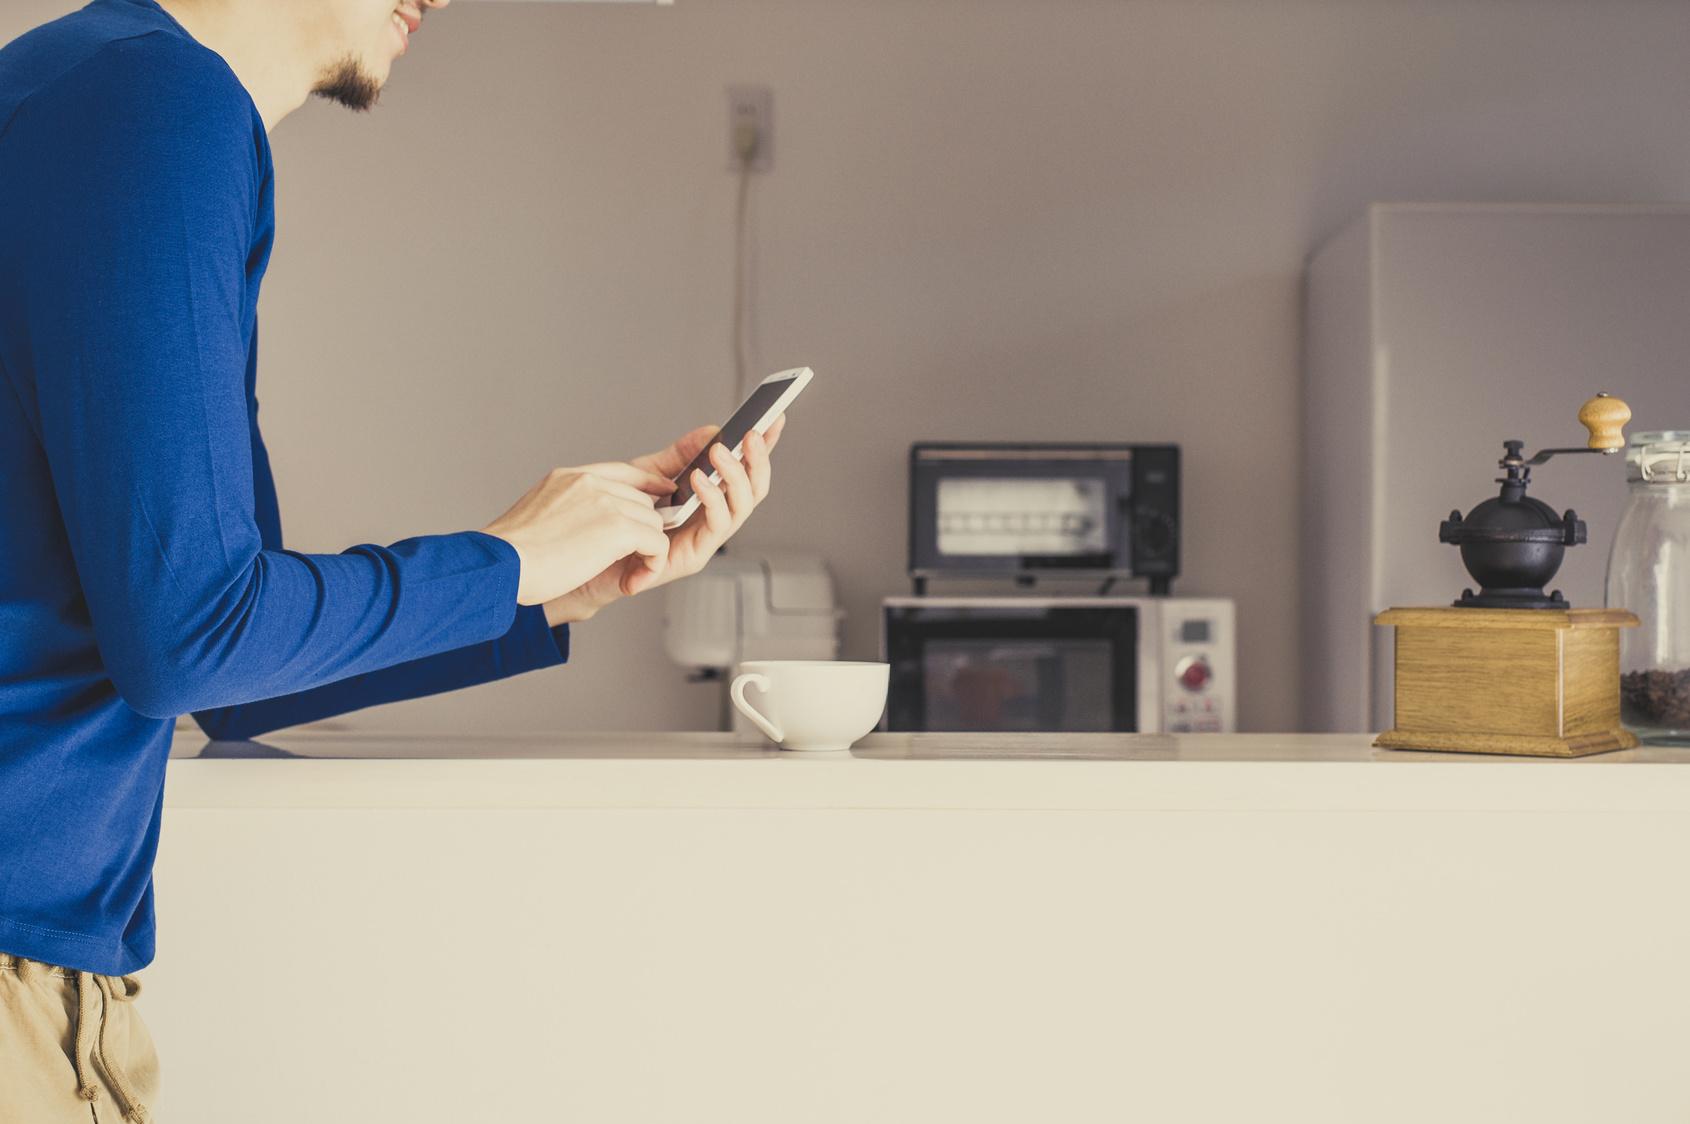 カウンターキッチン,男性とスマートフォン